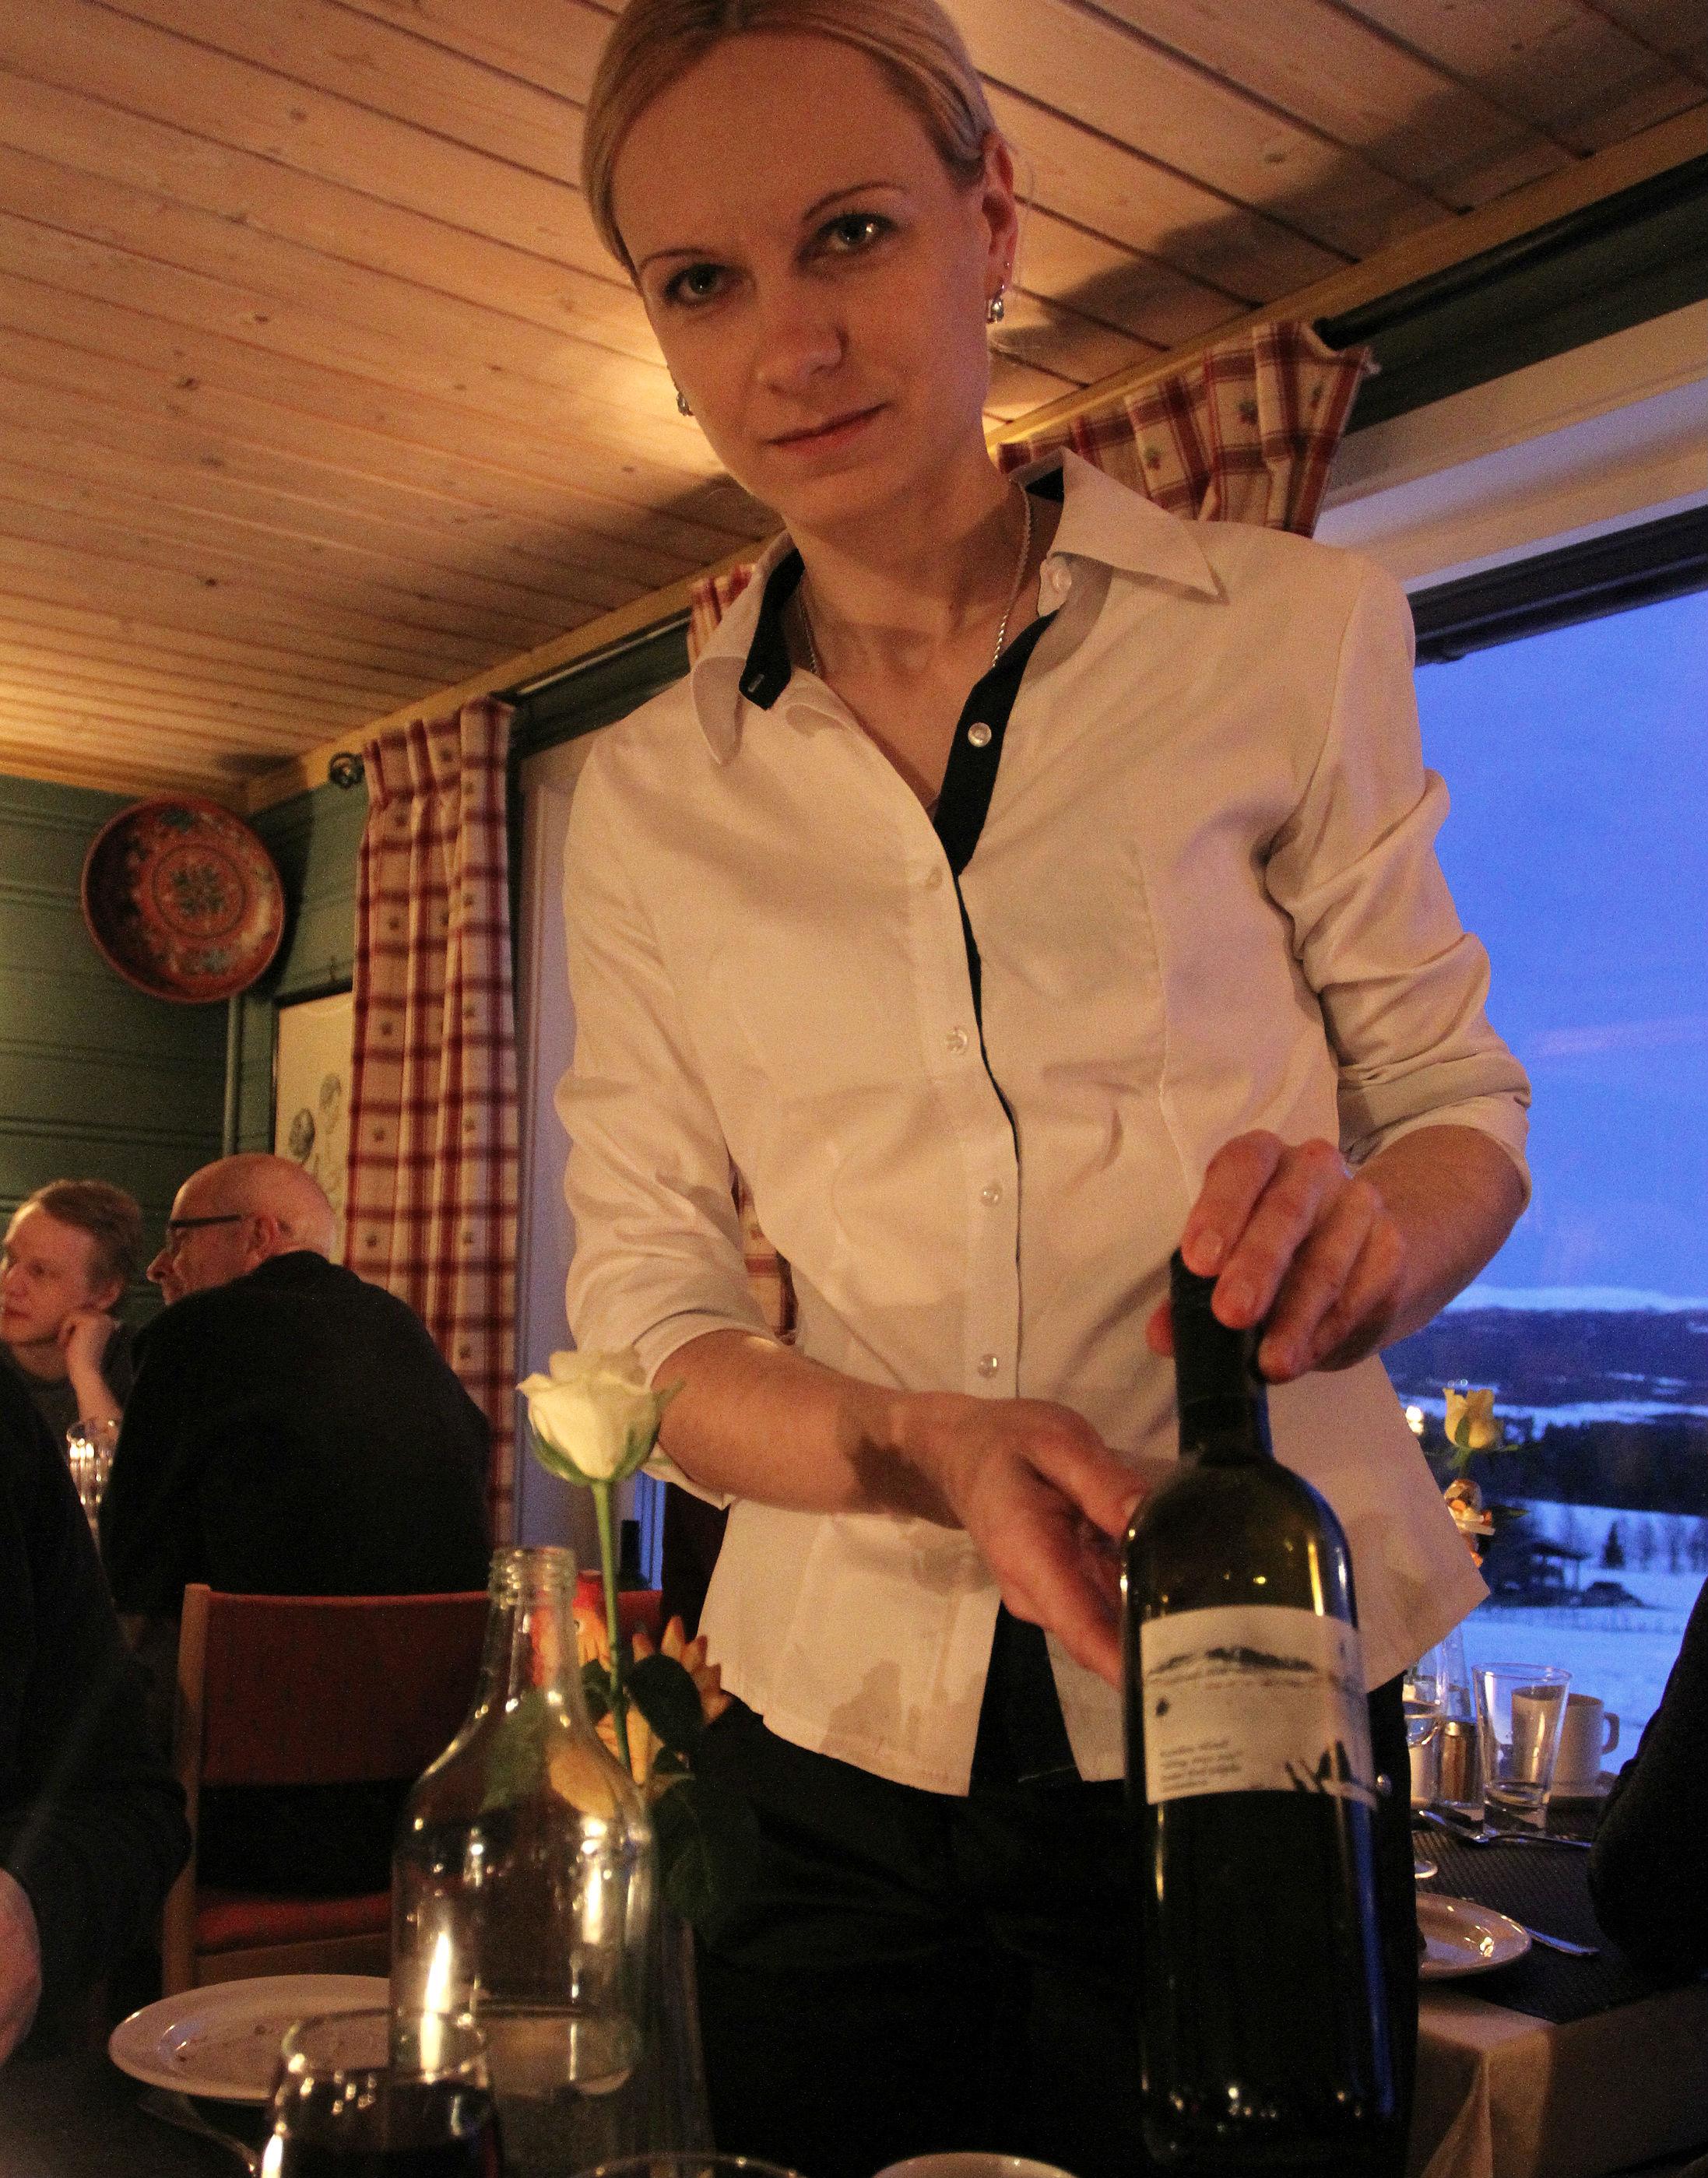 EGEN ETIKETT: Hotellet importerer rødvin direkte fra leverandører Italia og Bulgaria, og har sin egen etikett på flaskene. Med fjell og ski, naturligvis.